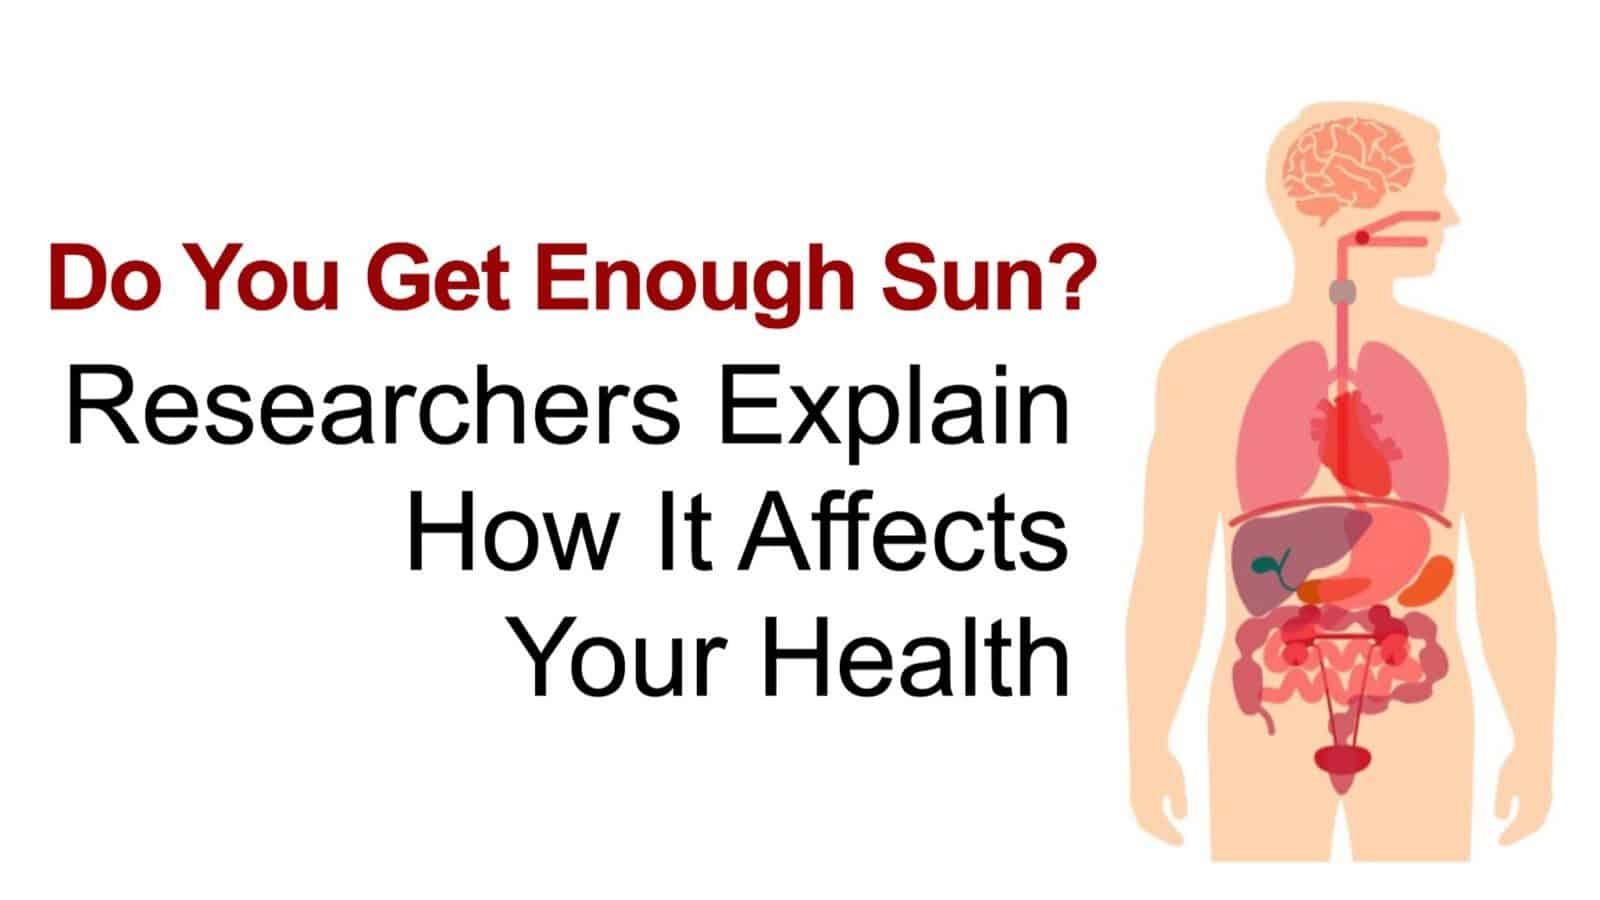 Get enough sun